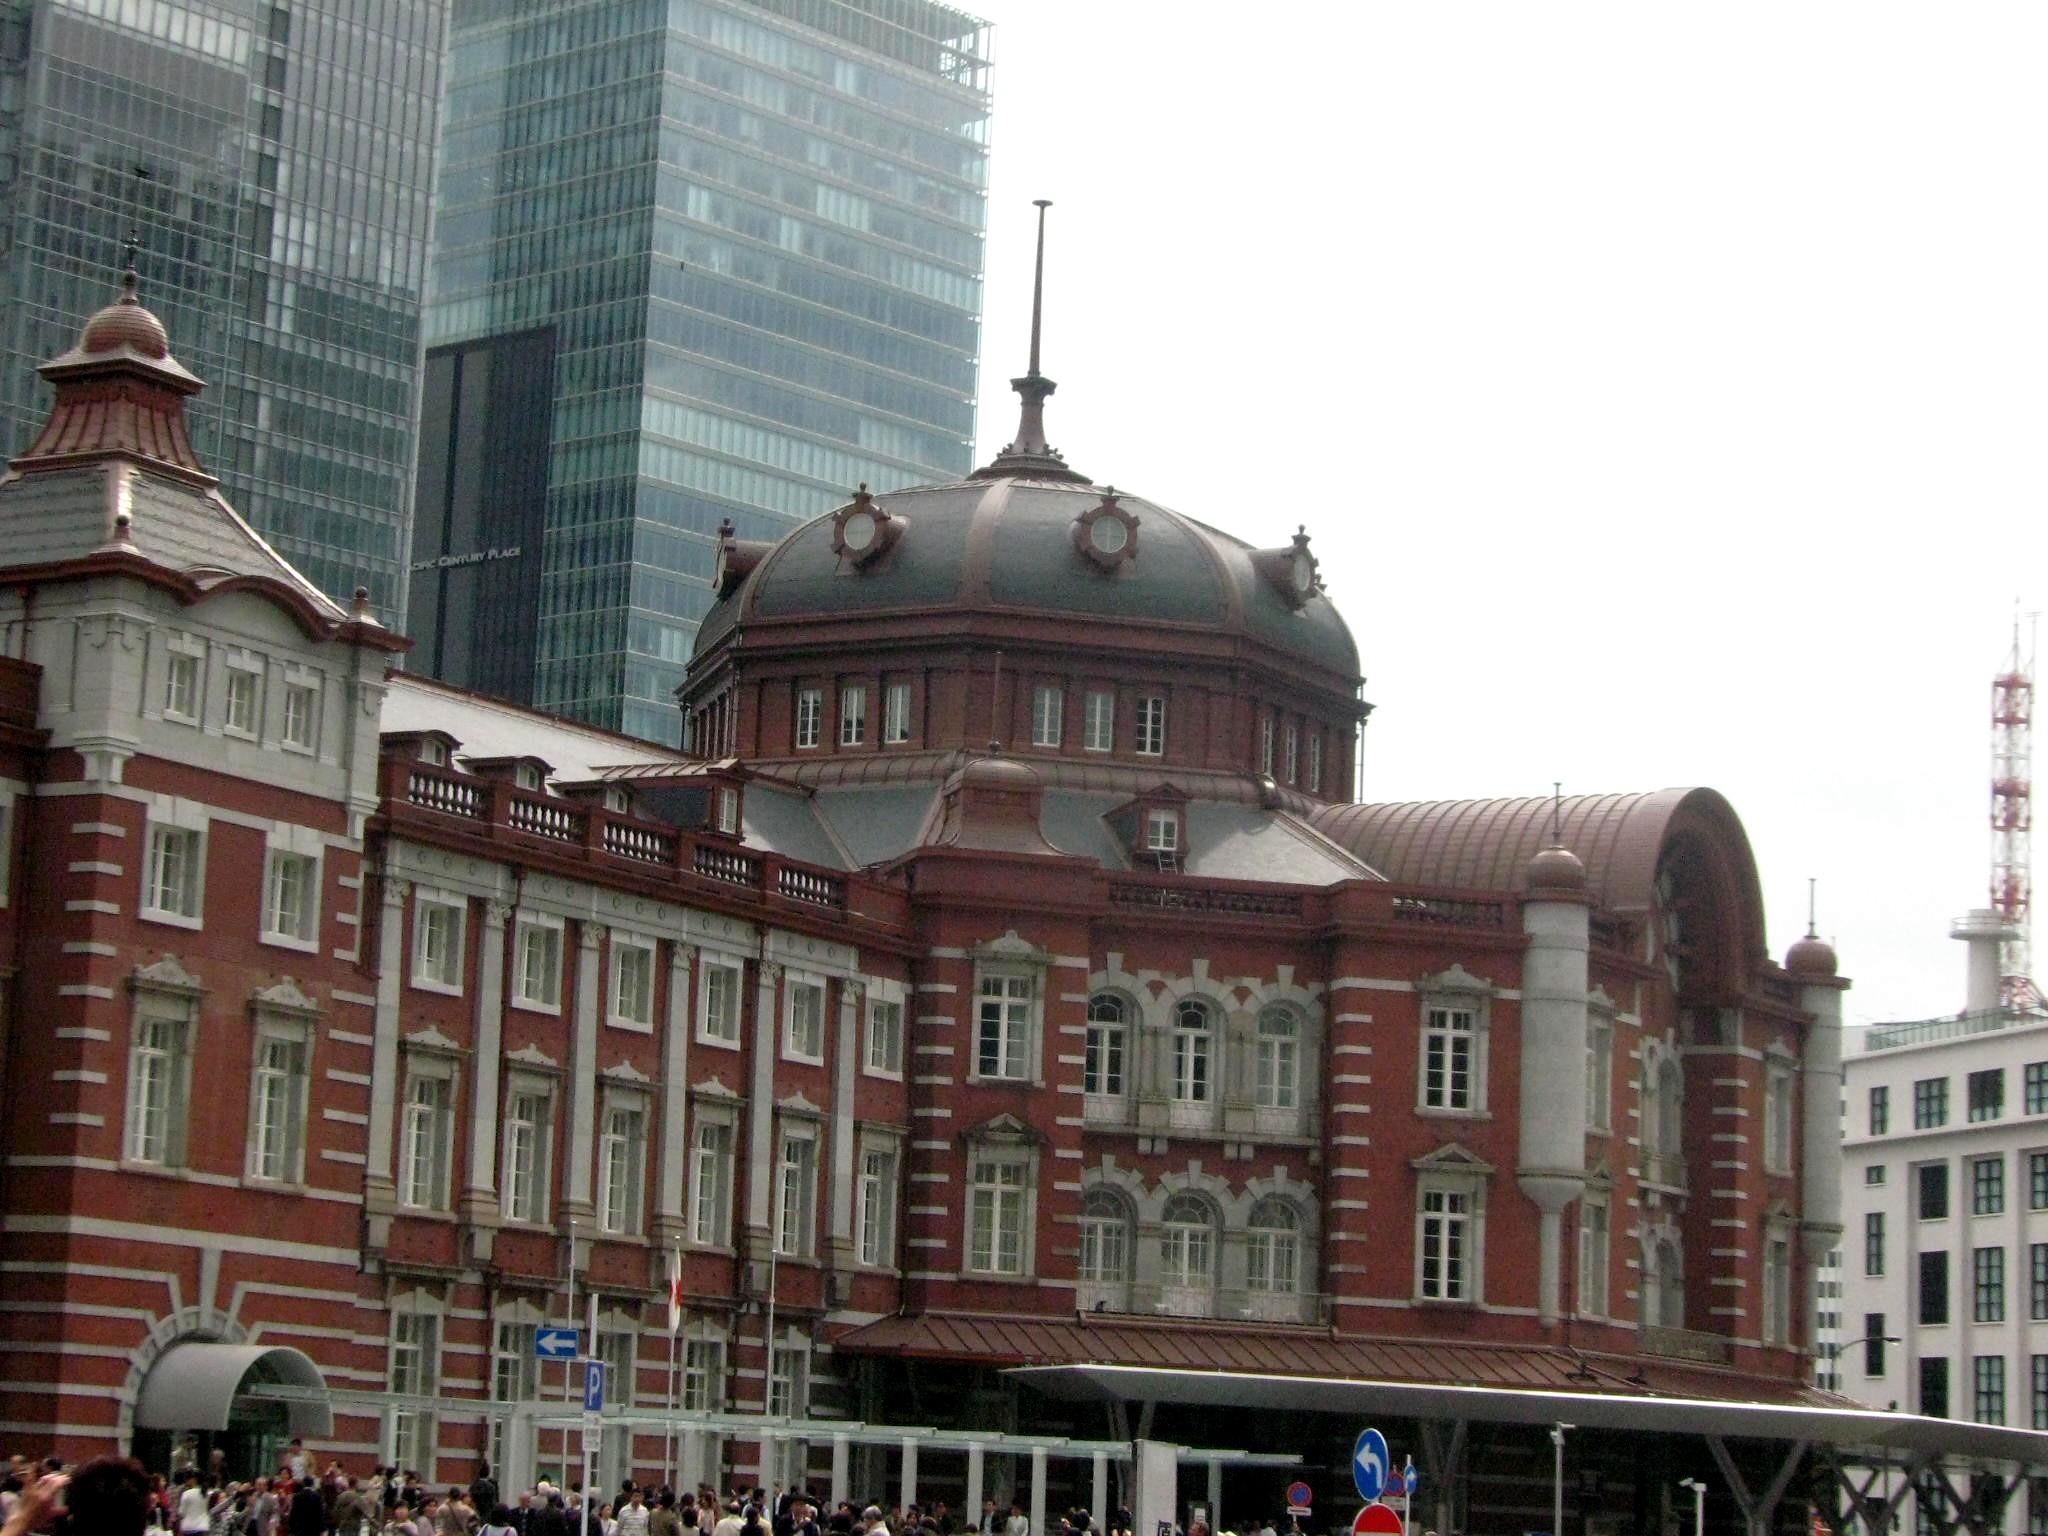 東京駅丸の内駅舎-原点復元 〜2012年10月1日